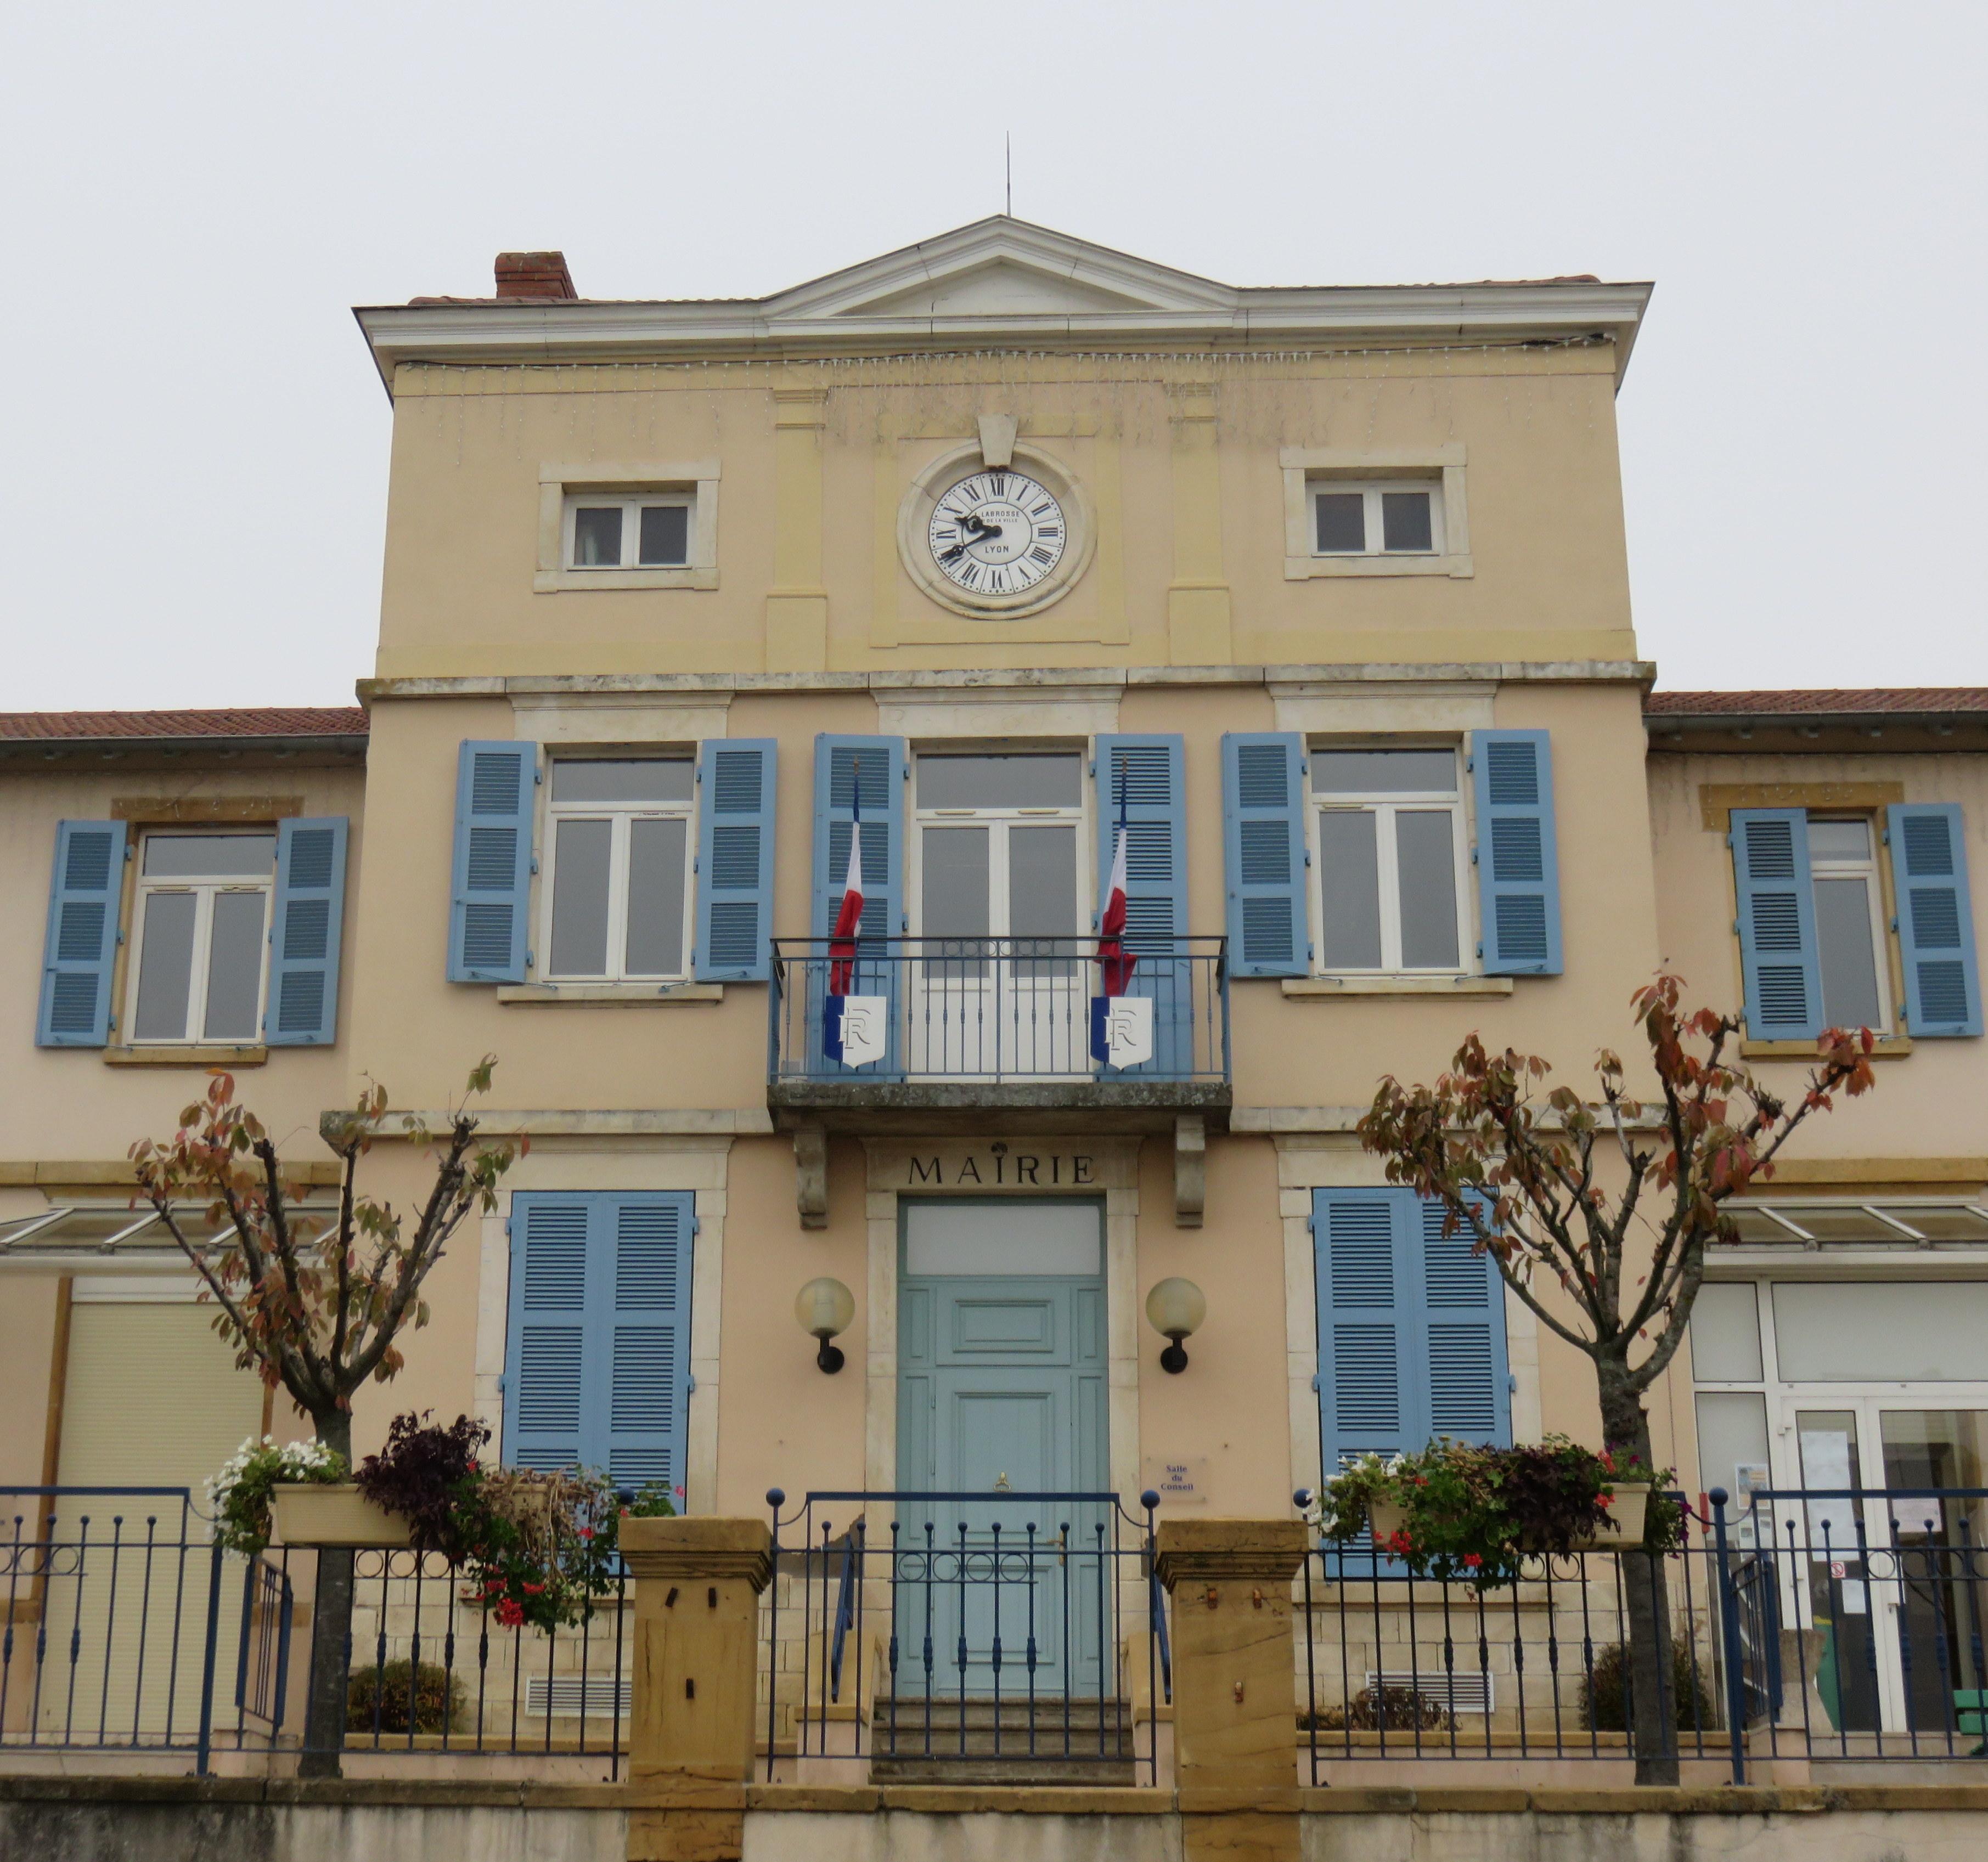 Img-Mairie.jpg